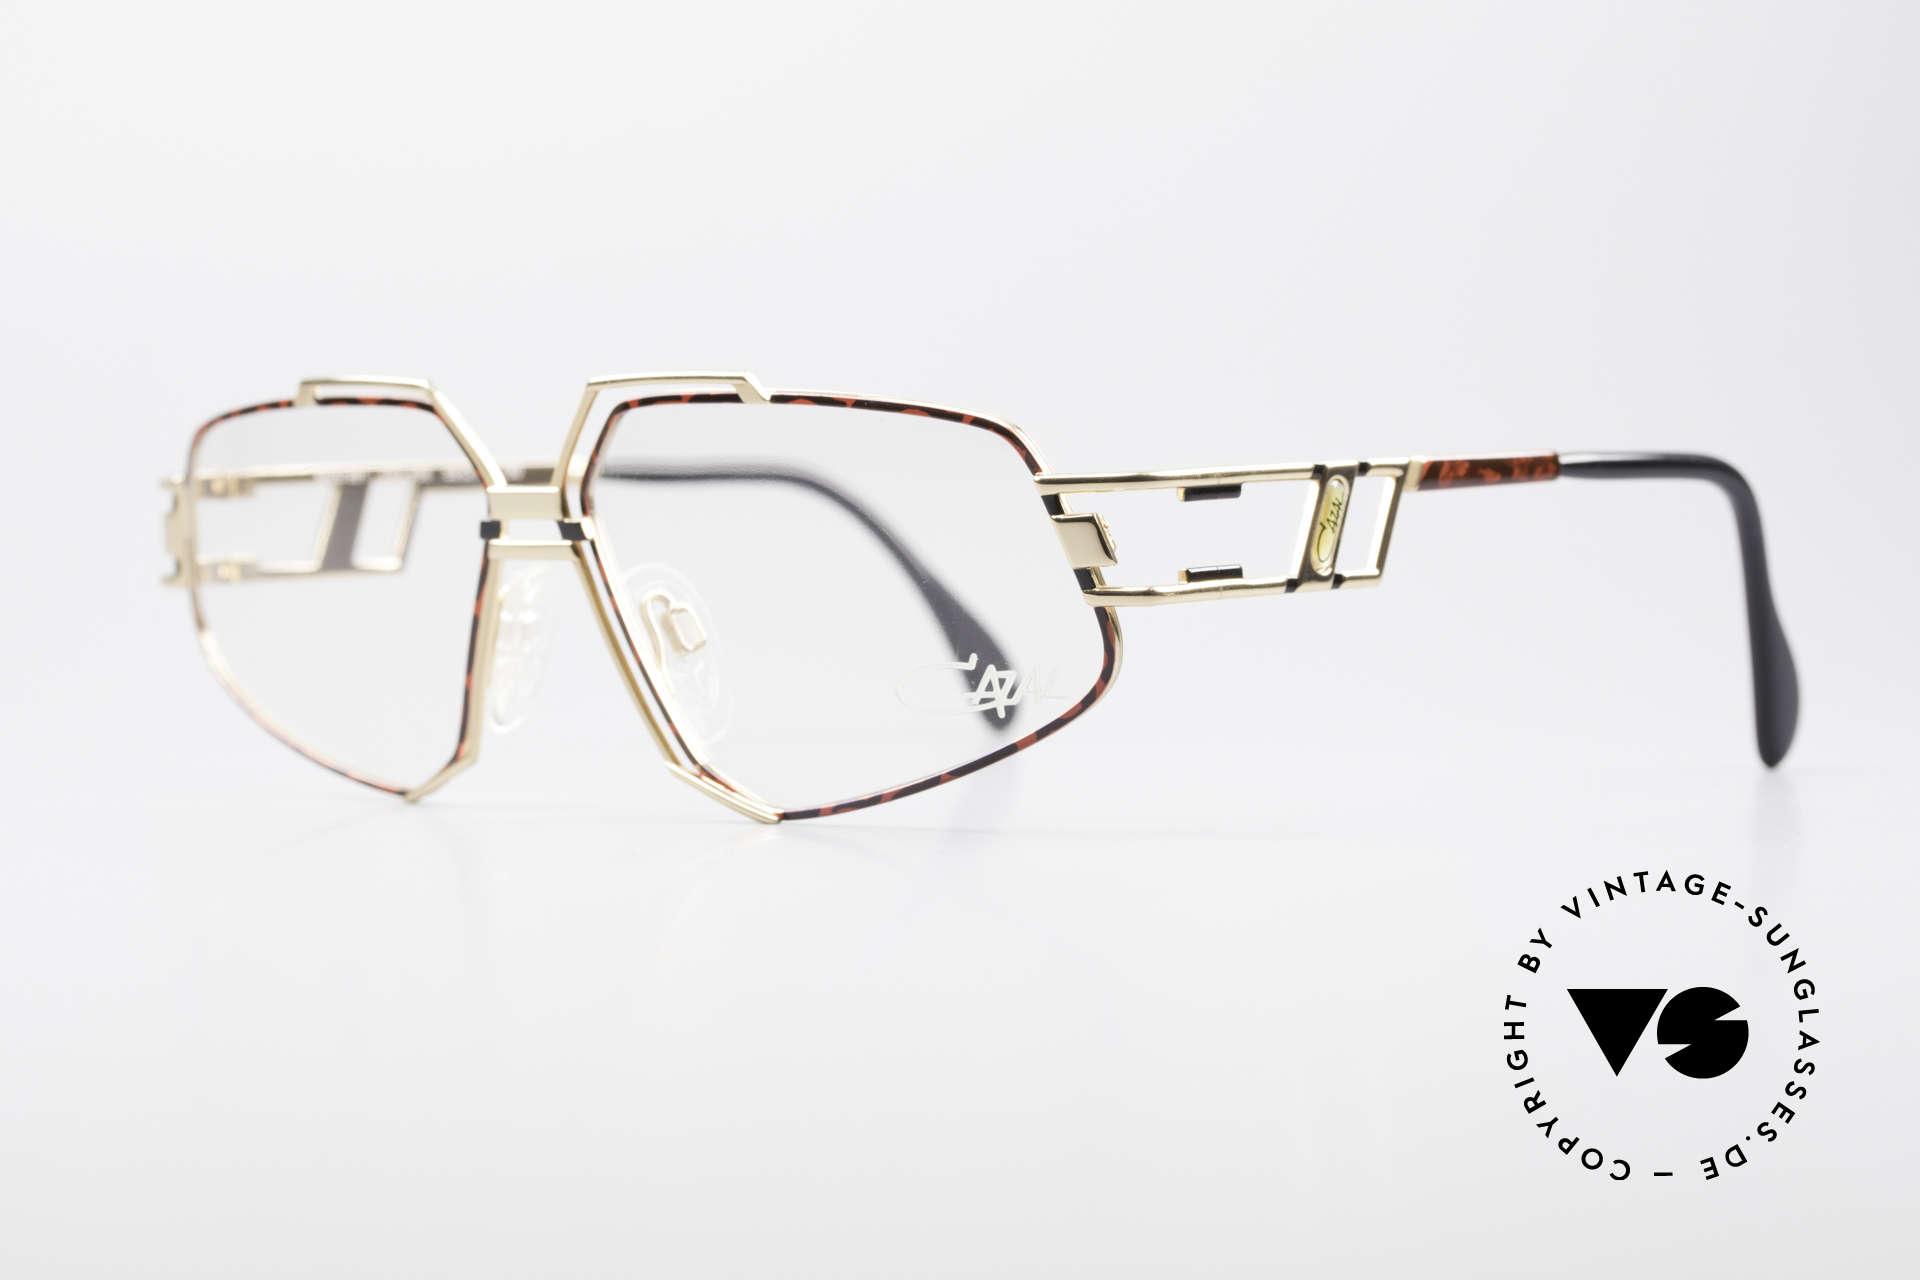 Cazal 961 Designer Vintage Eyeglasses, striking & distinctive frame construction; truly vintage, Made for Men and Women